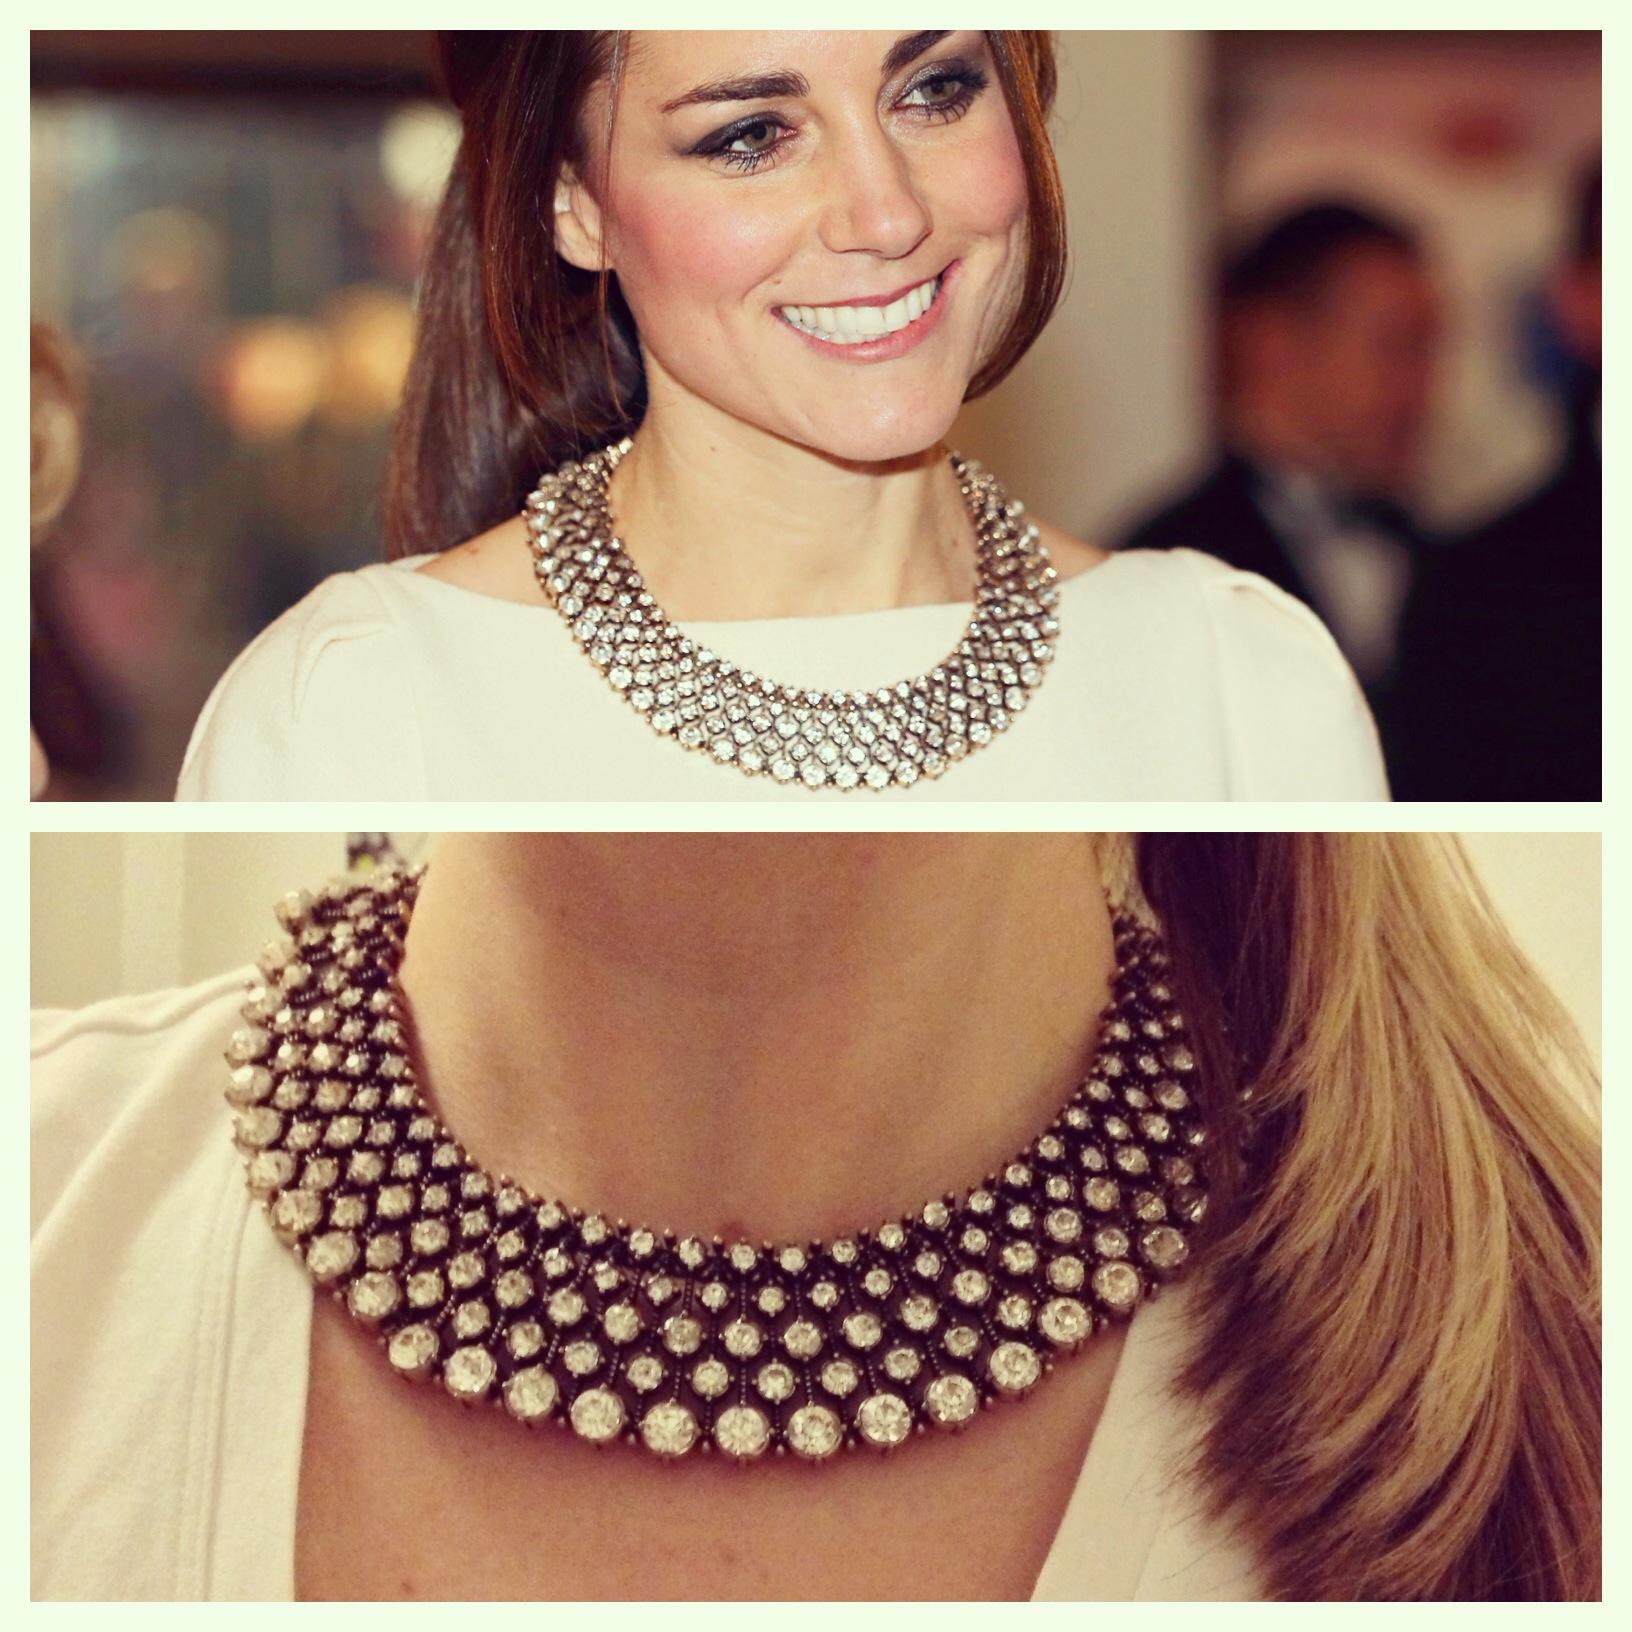 Kate Middleton in Zara necklace